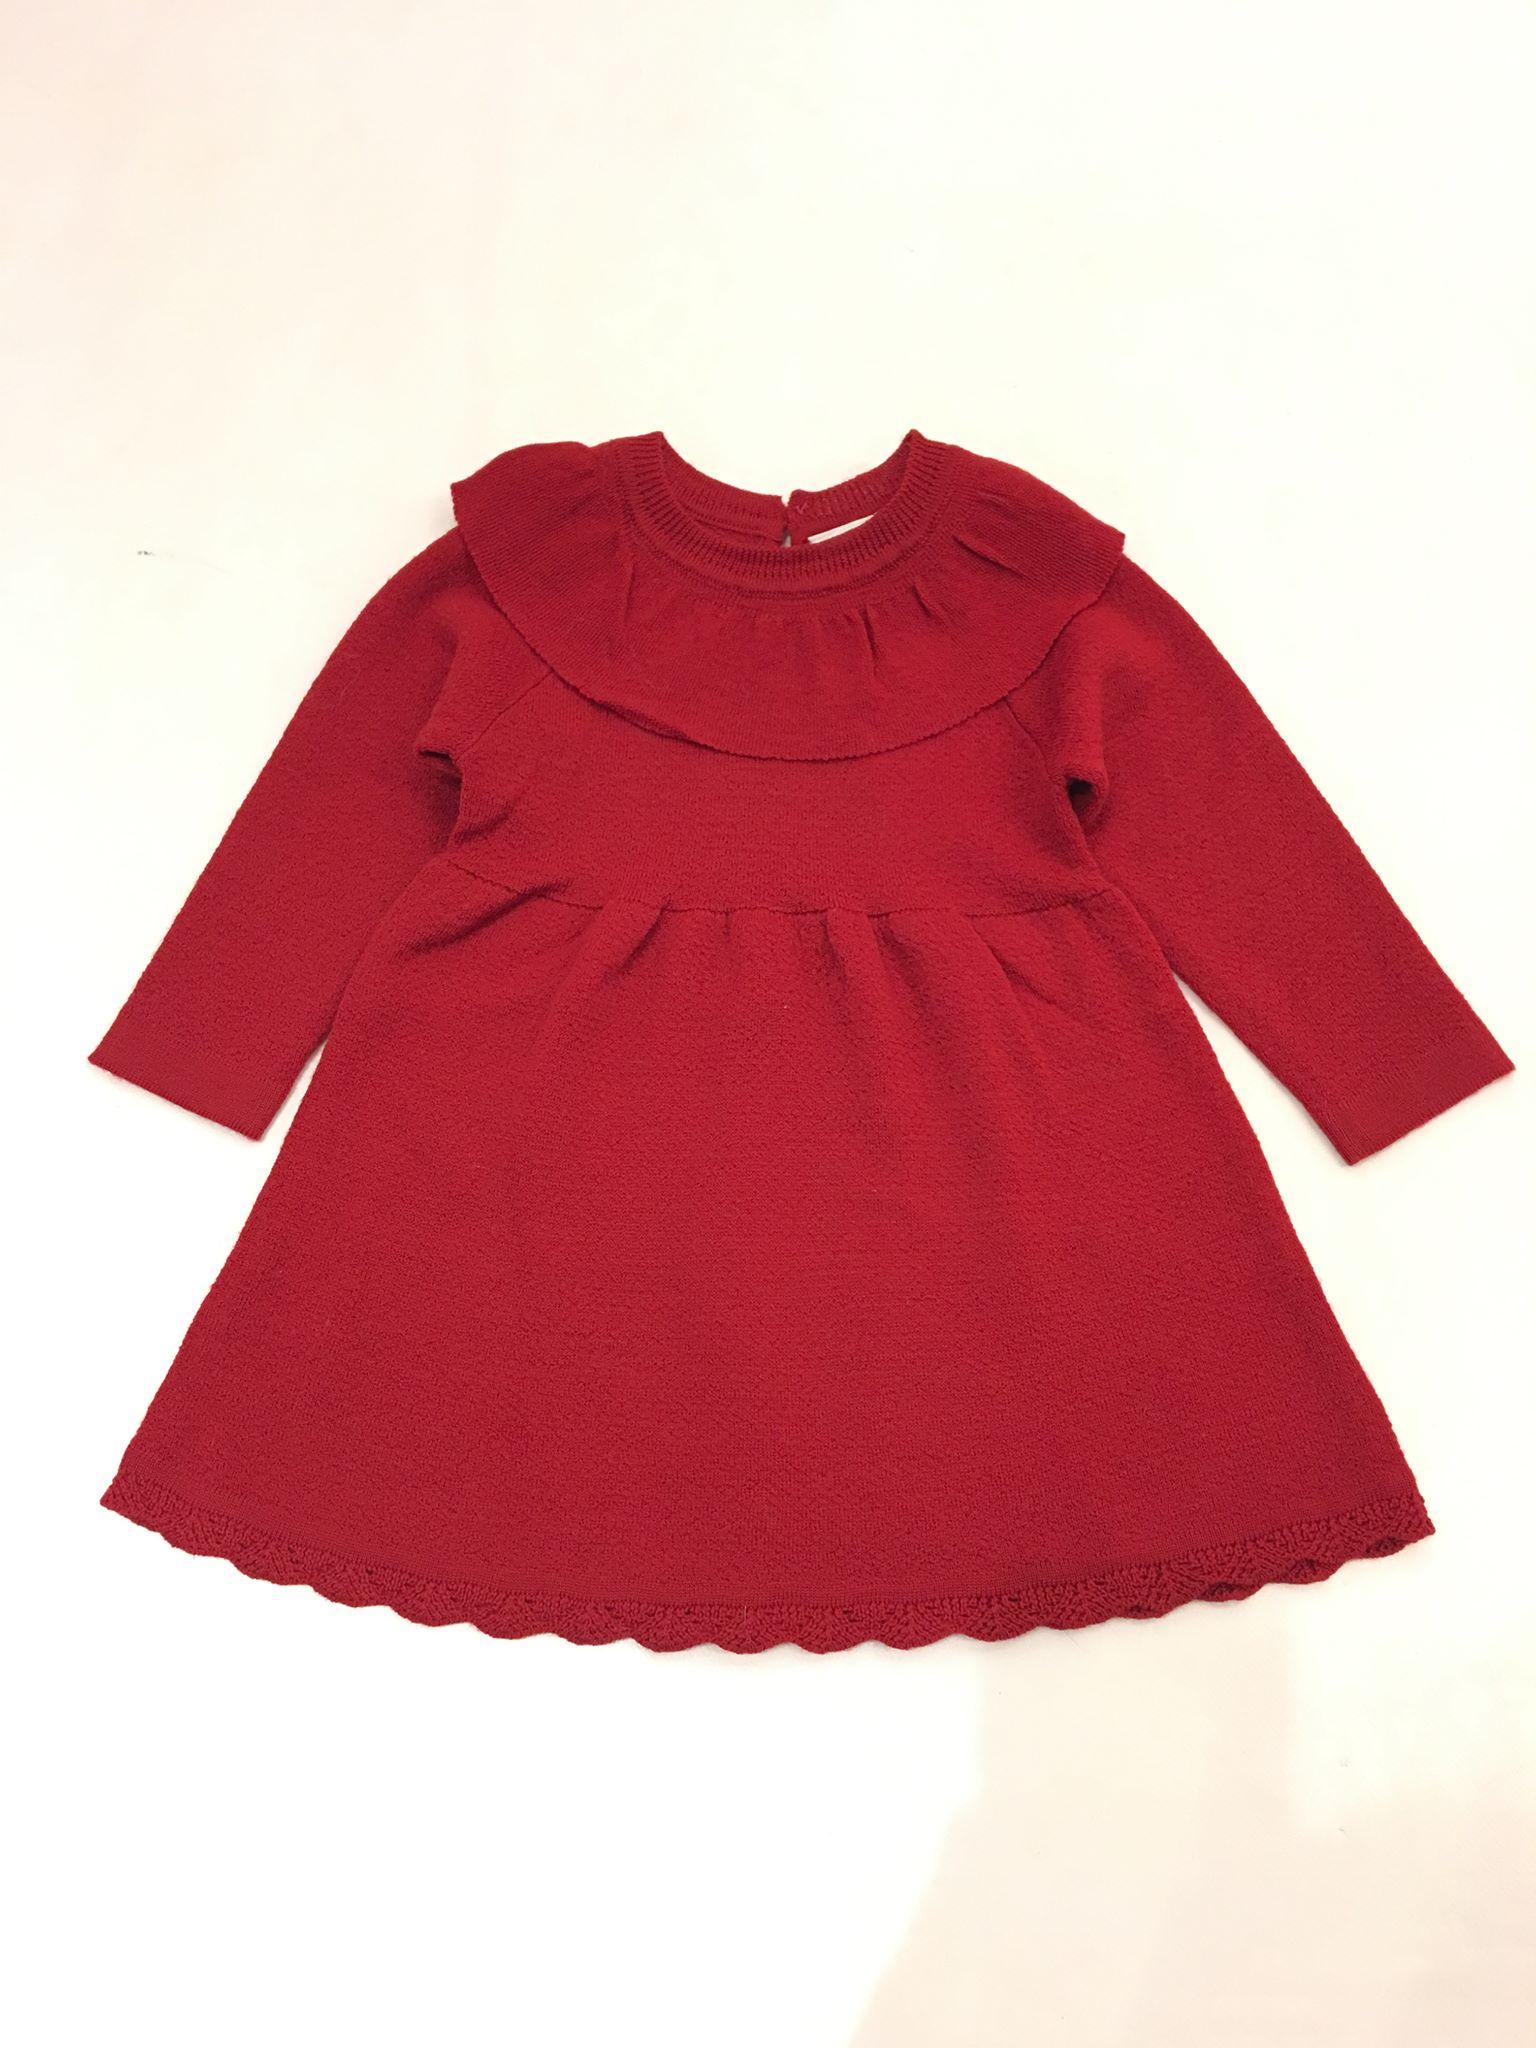 7da9131d Name It rød ullkjole til barn. Julekjole i ull, rød kjole i ull til ...